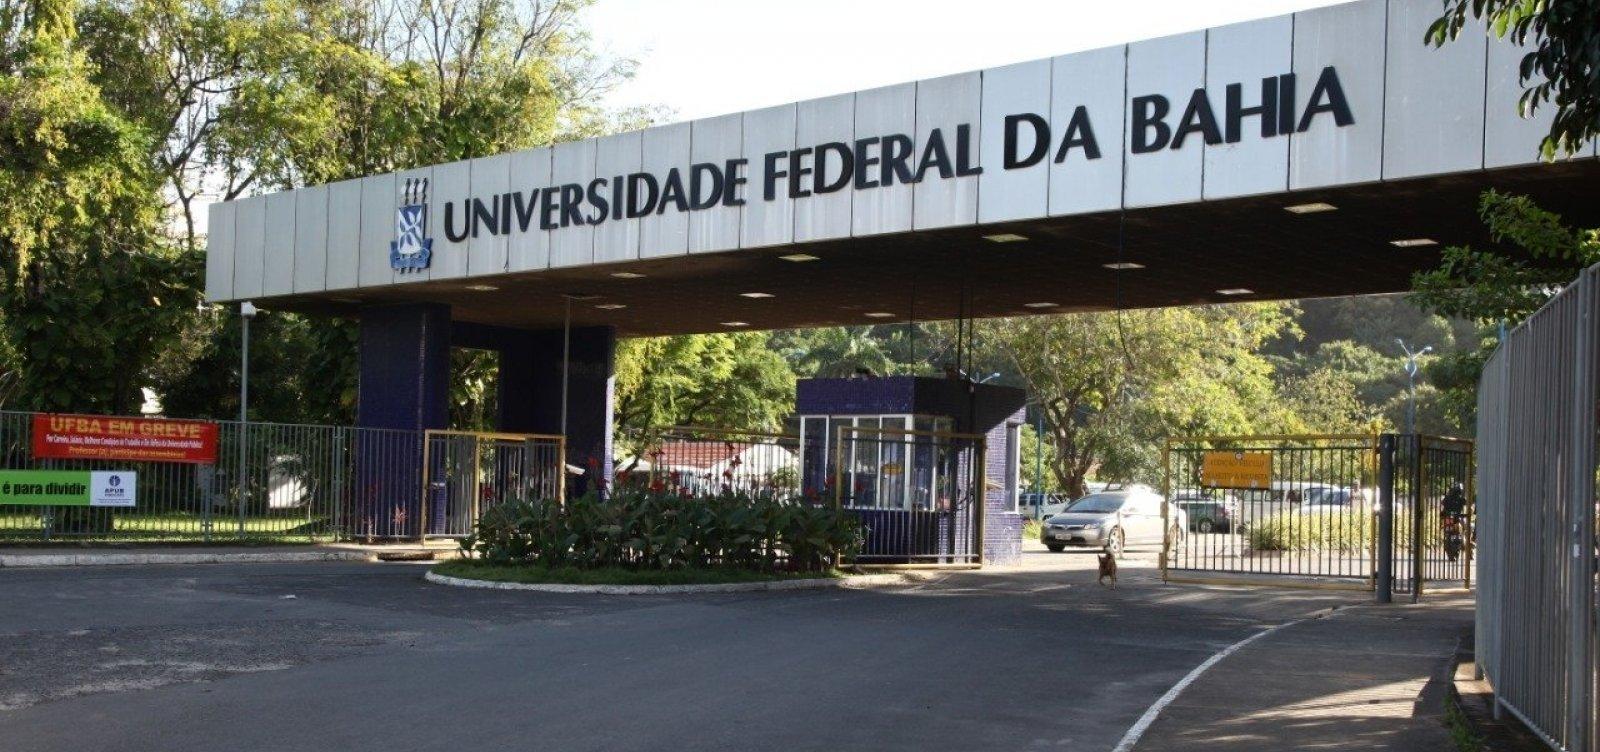 Corte do MEC de R$ 30 milhões afeta assistência estudantil na Ufba